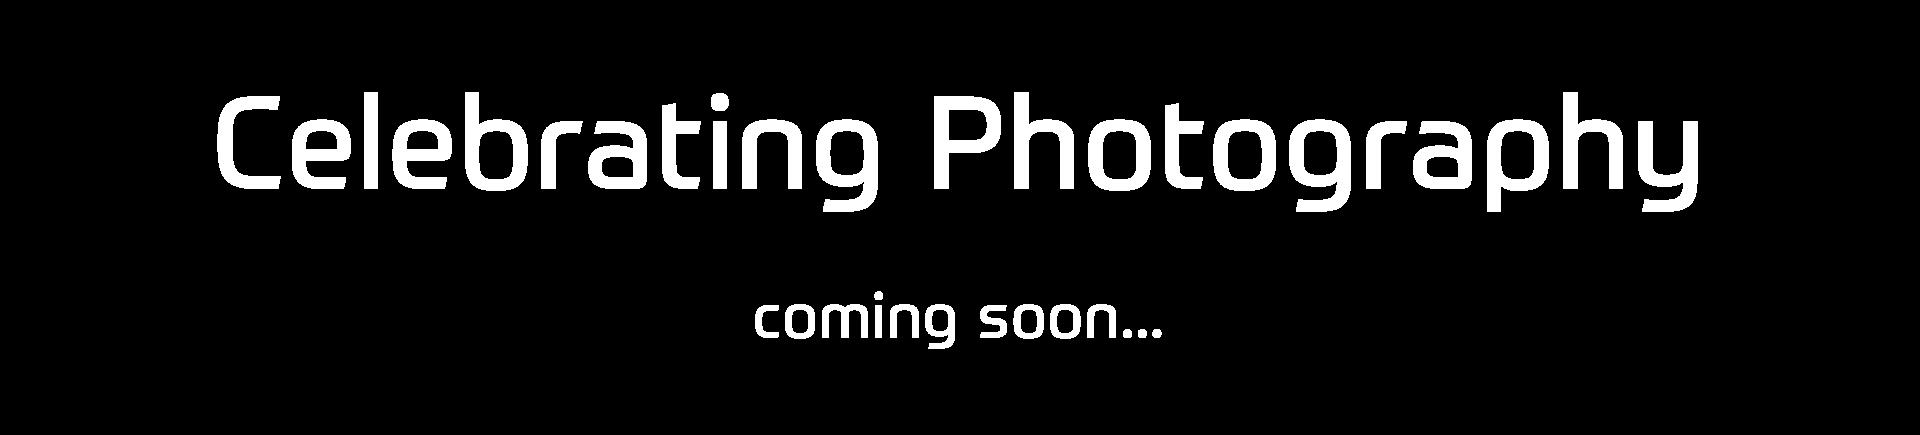 Celebrating Photography